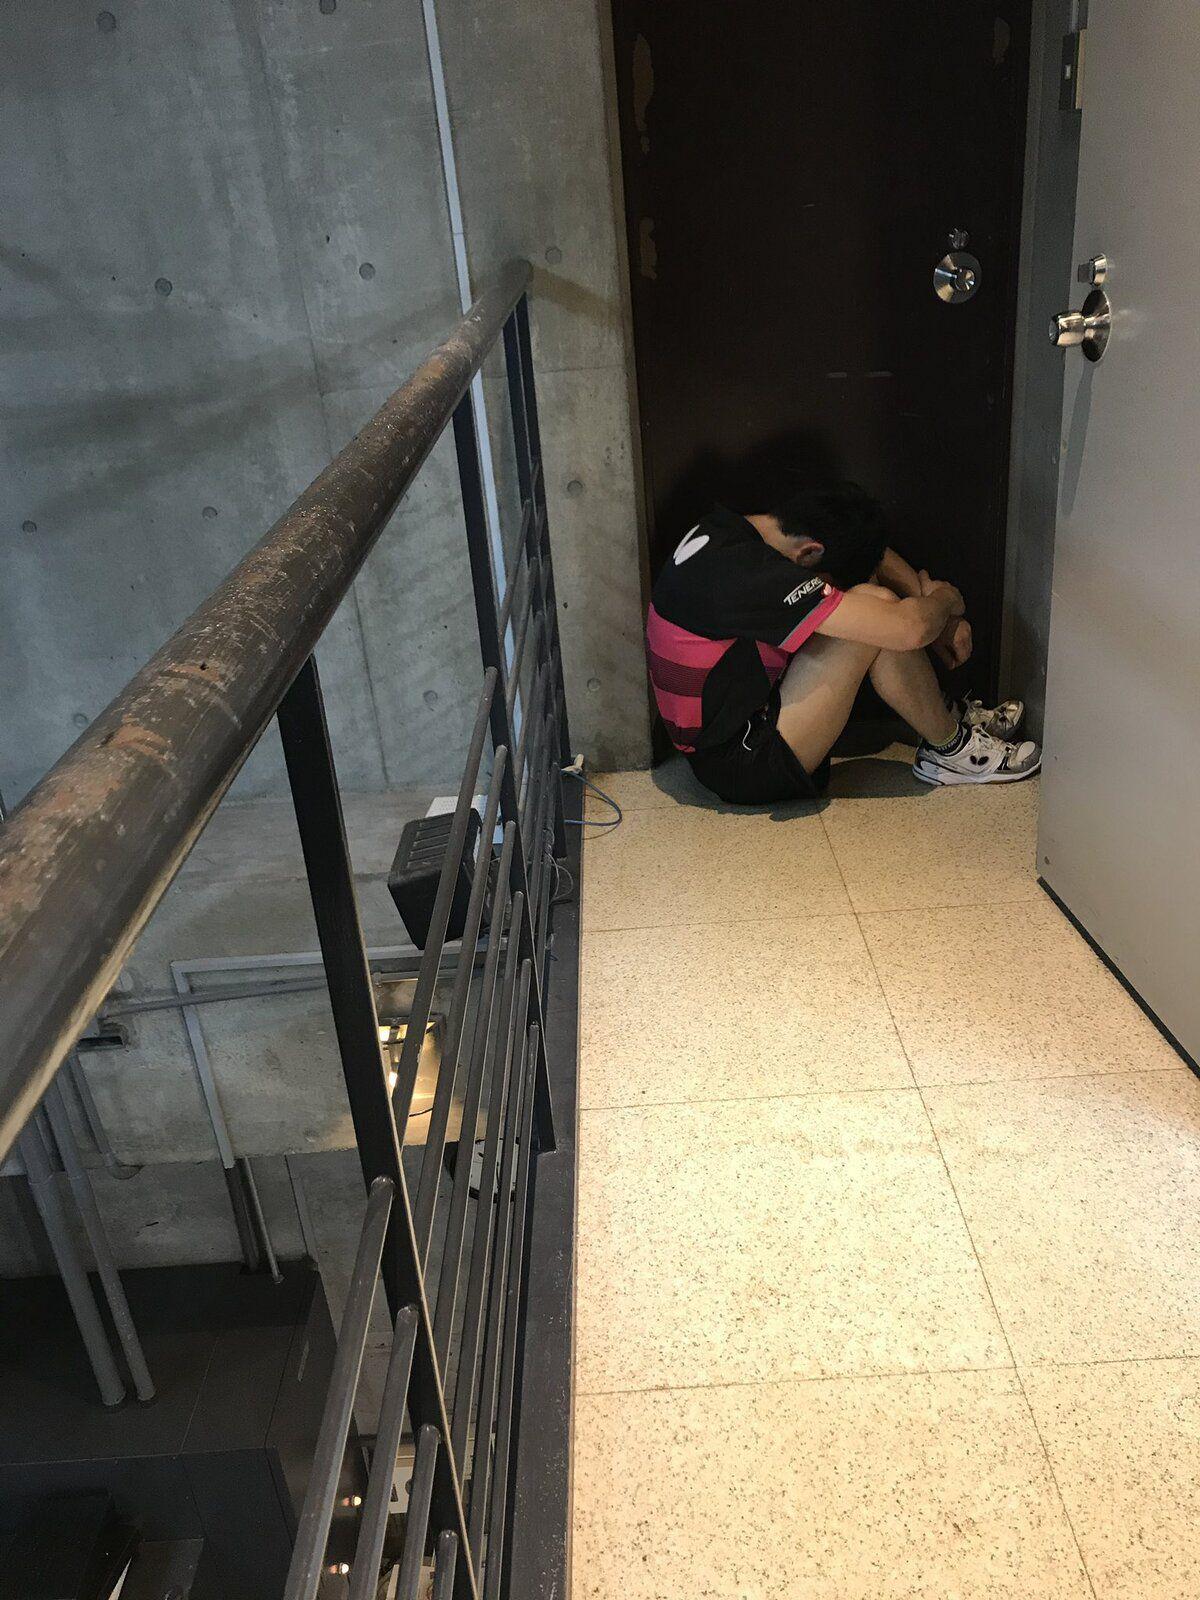 Après une grosse déconvenue, tu veux t'isoler, te cacher, tu ne penses qu'à rentrer sous terre, et il y a toujours quelqu'un pour te prendre en photo